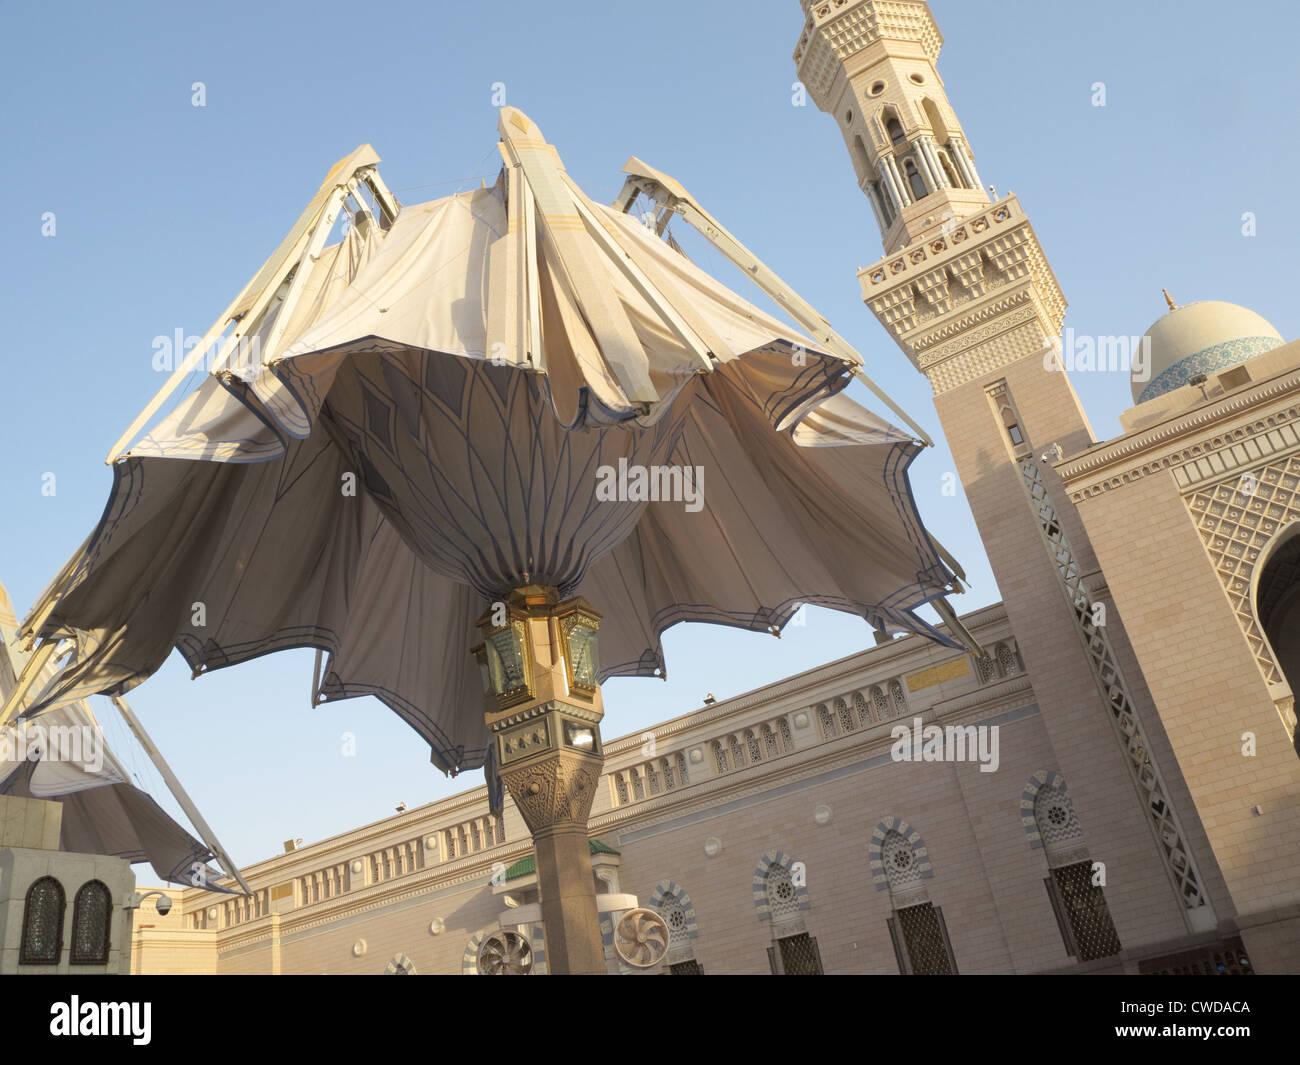 El tamaño gigante automatizado de cierre paraguas en una mezquita Nabawi, Al Madinah, Arabia Saudita Imagen De Stock